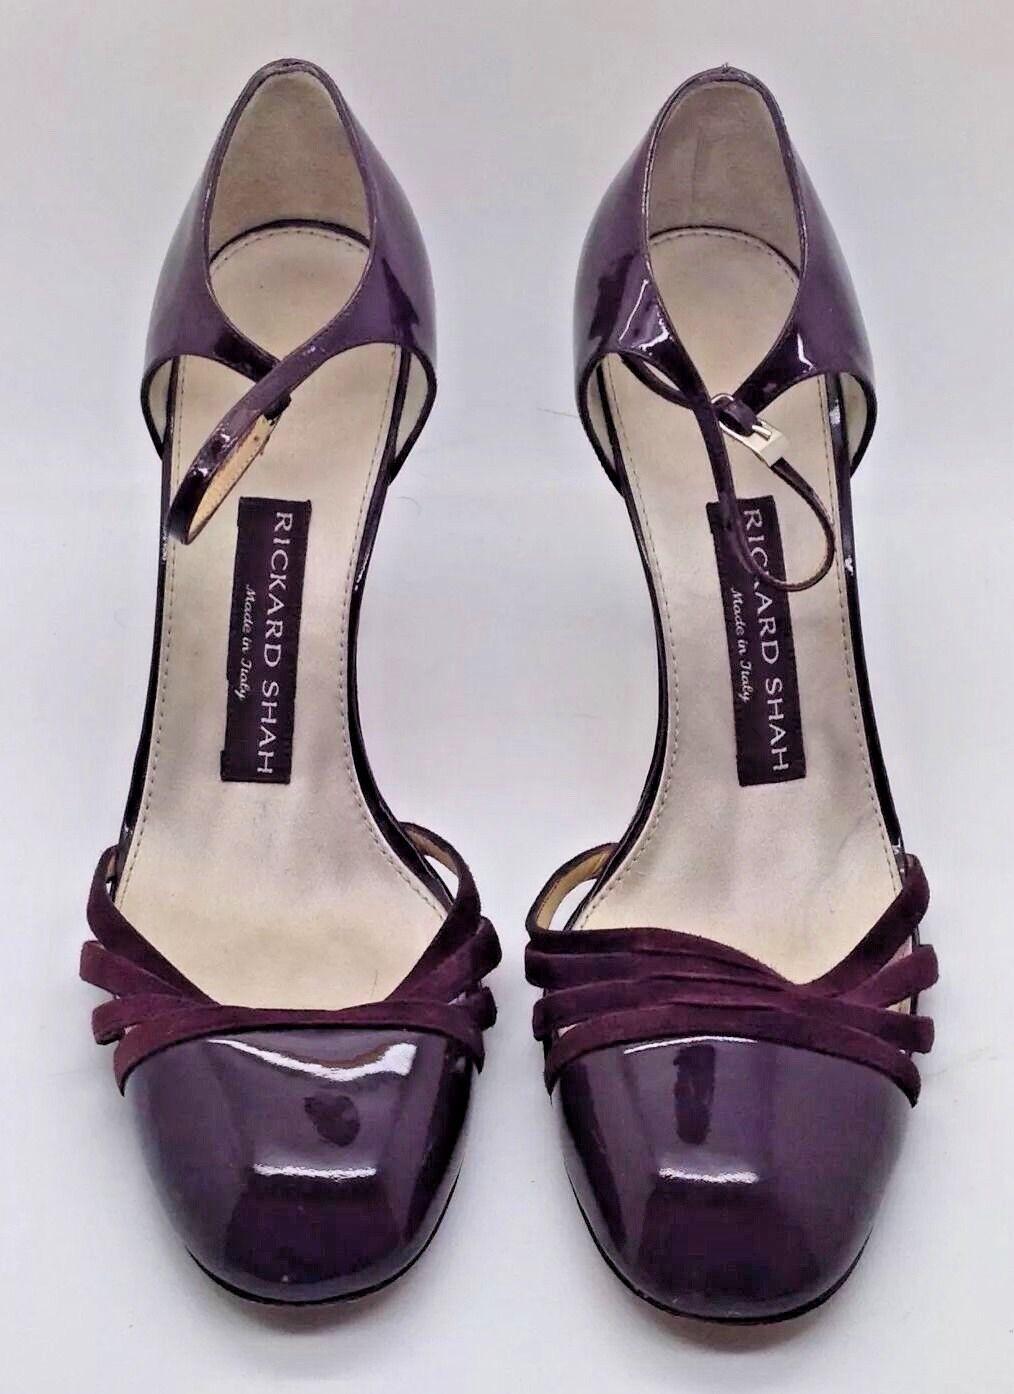 RICKARD SHAH Dark Leder Dark SHAH Purple Patent Leder SHAH Heels Ankle Strap ... 054687